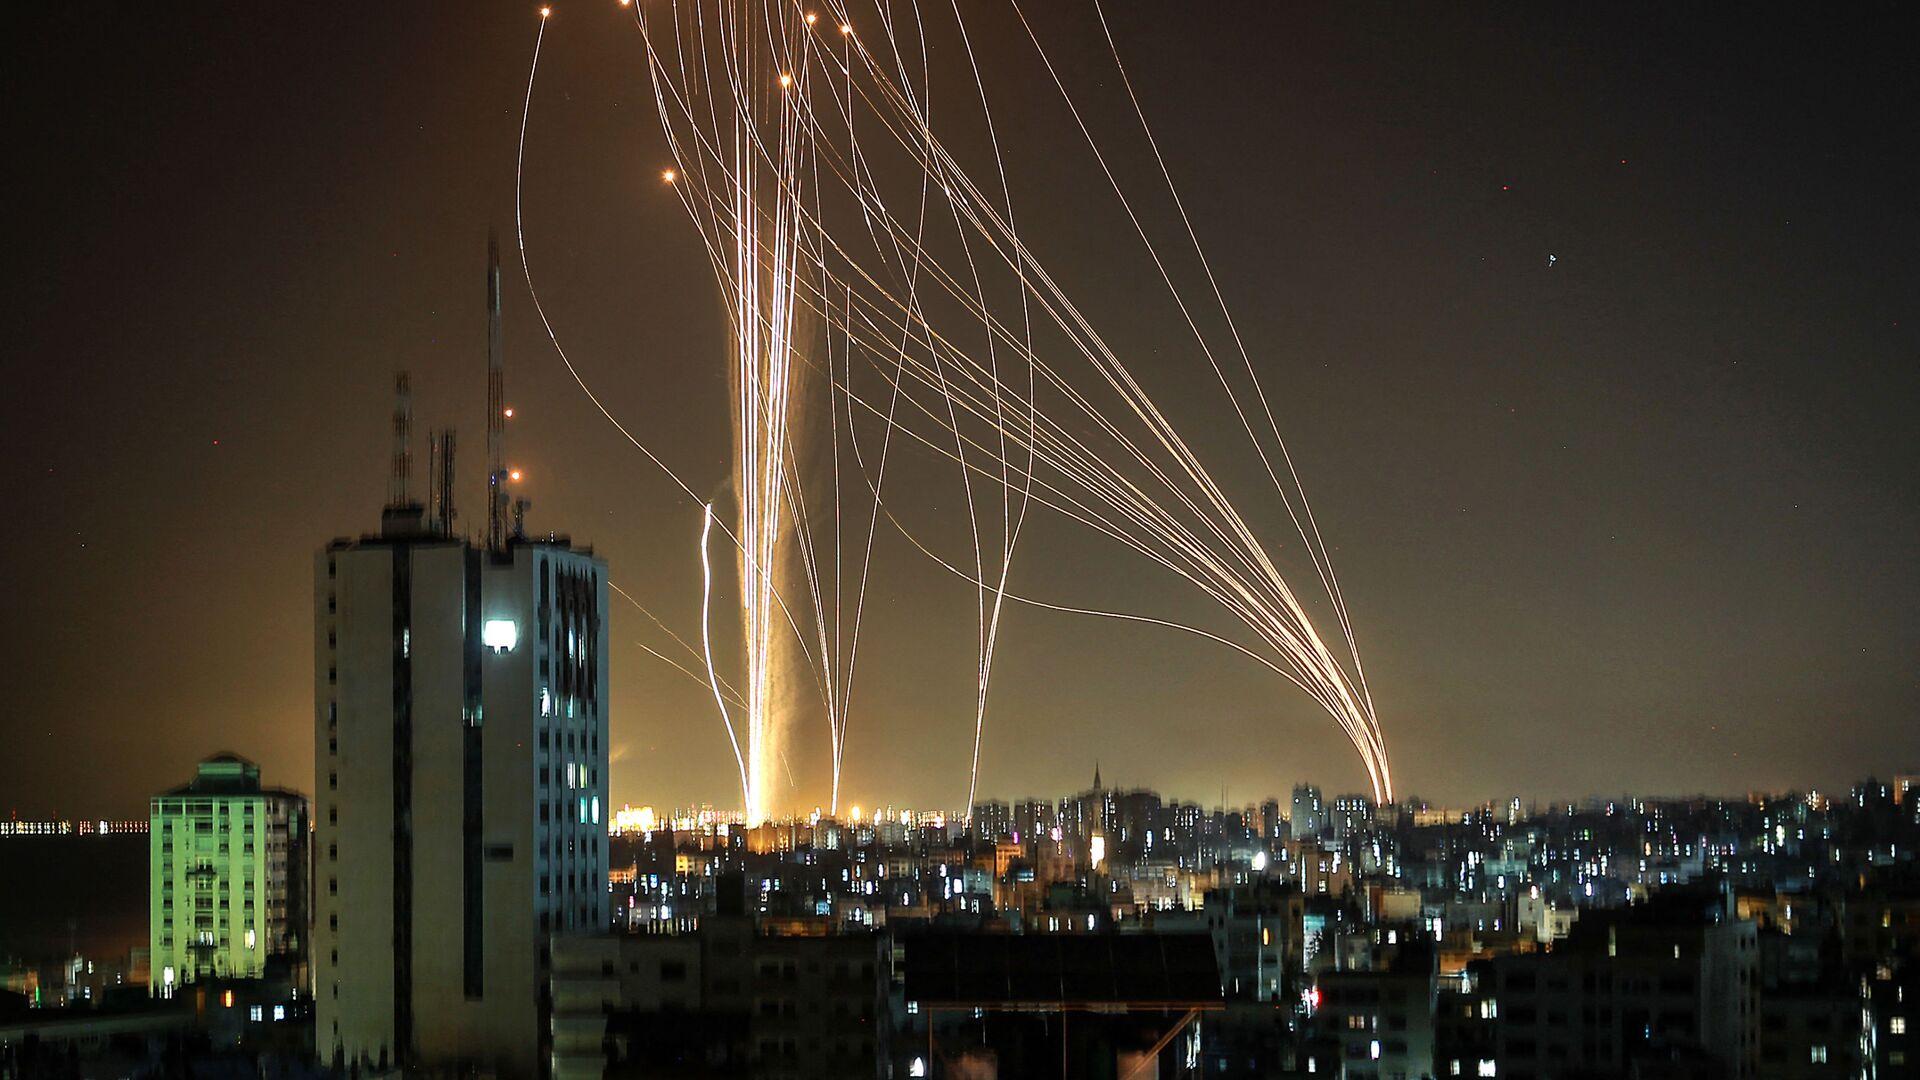 Lancio di missili dalla città di Gaza controllata dal movimento palestinese di Hamas - Sputnik Italia, 1920, 20.05.2021